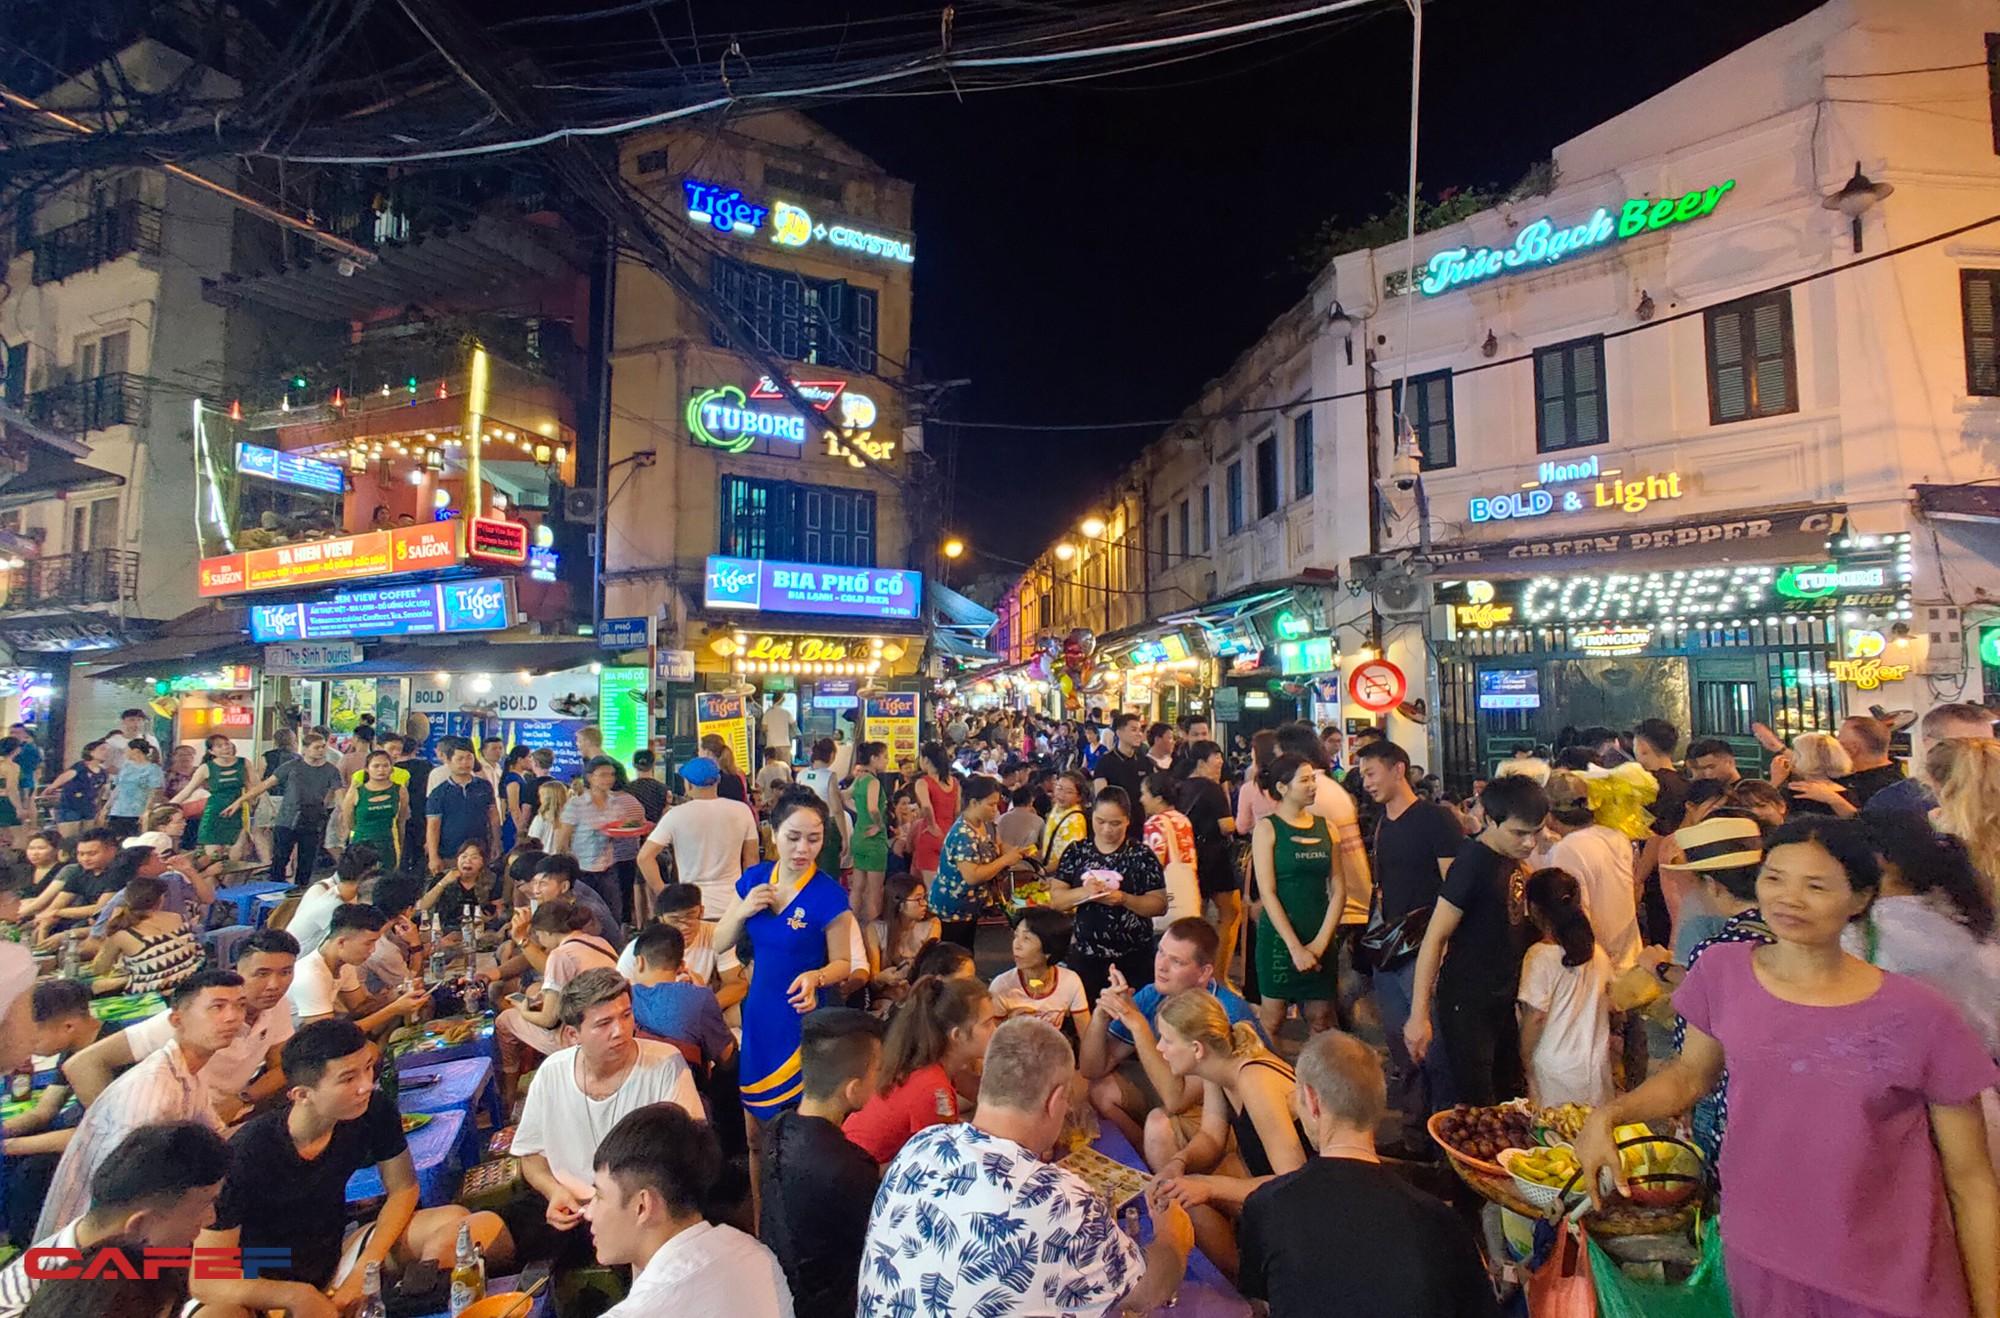 """Kinh tế về đêm nhìn từ """"chiến tranh bia"""" trên phố cổ Hà Nội - Ảnh 8."""